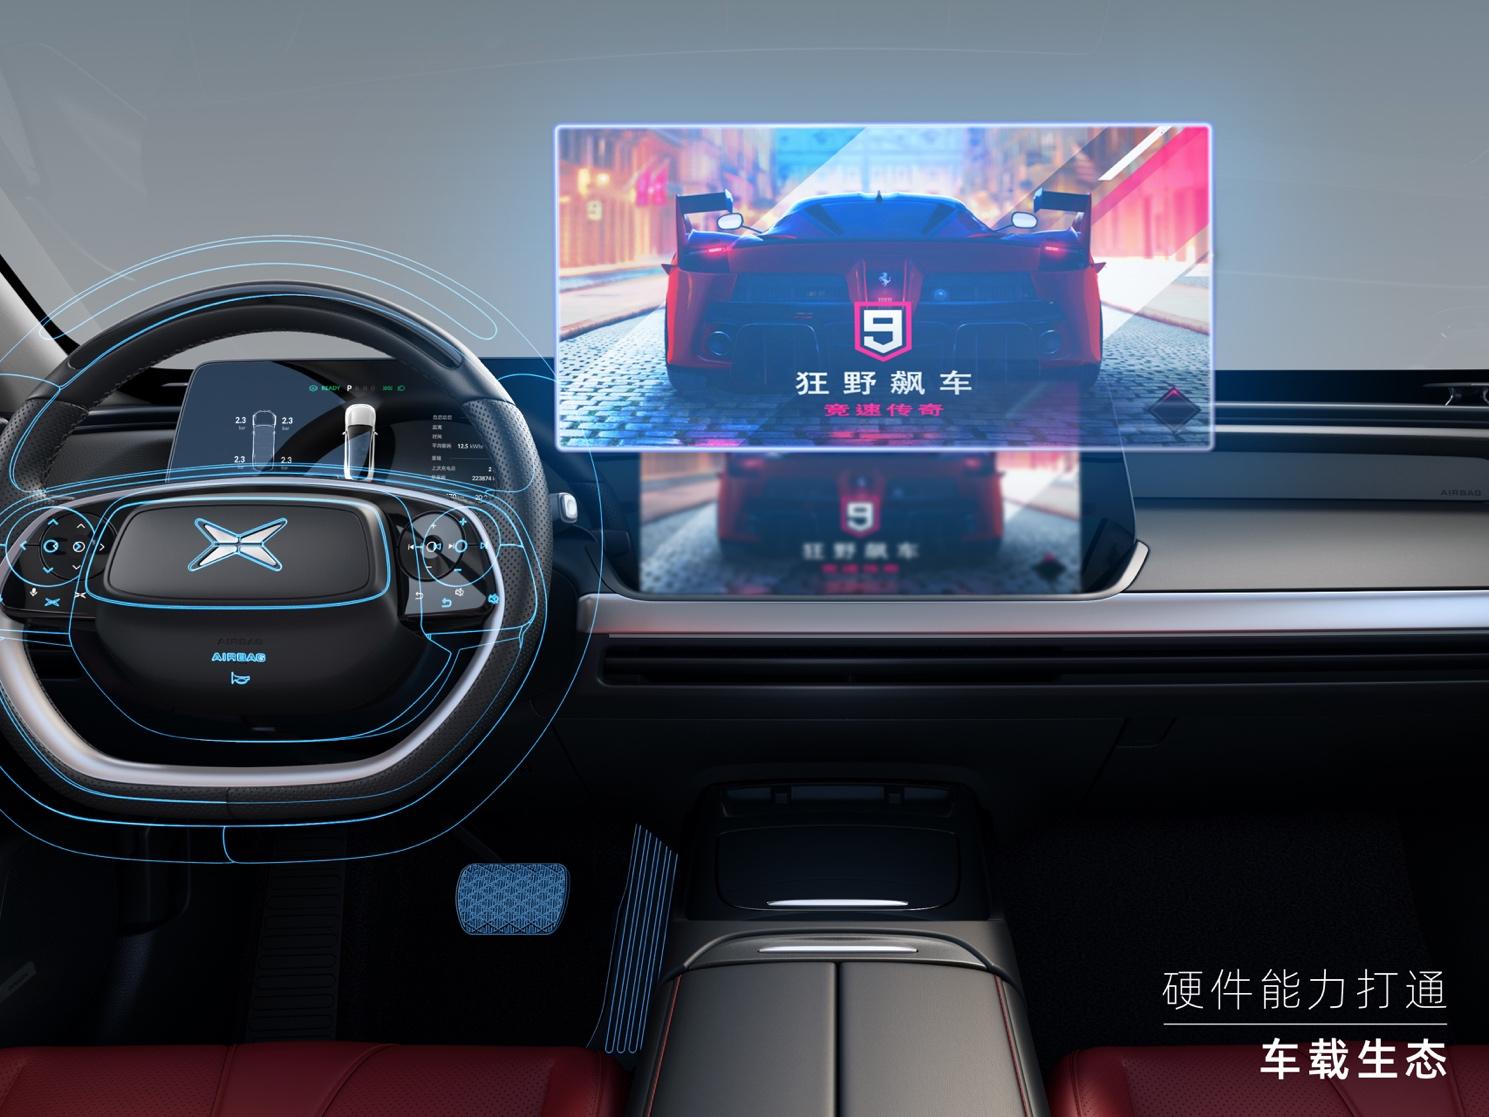 小鹏汽车车载生态提升用户出行生活质量